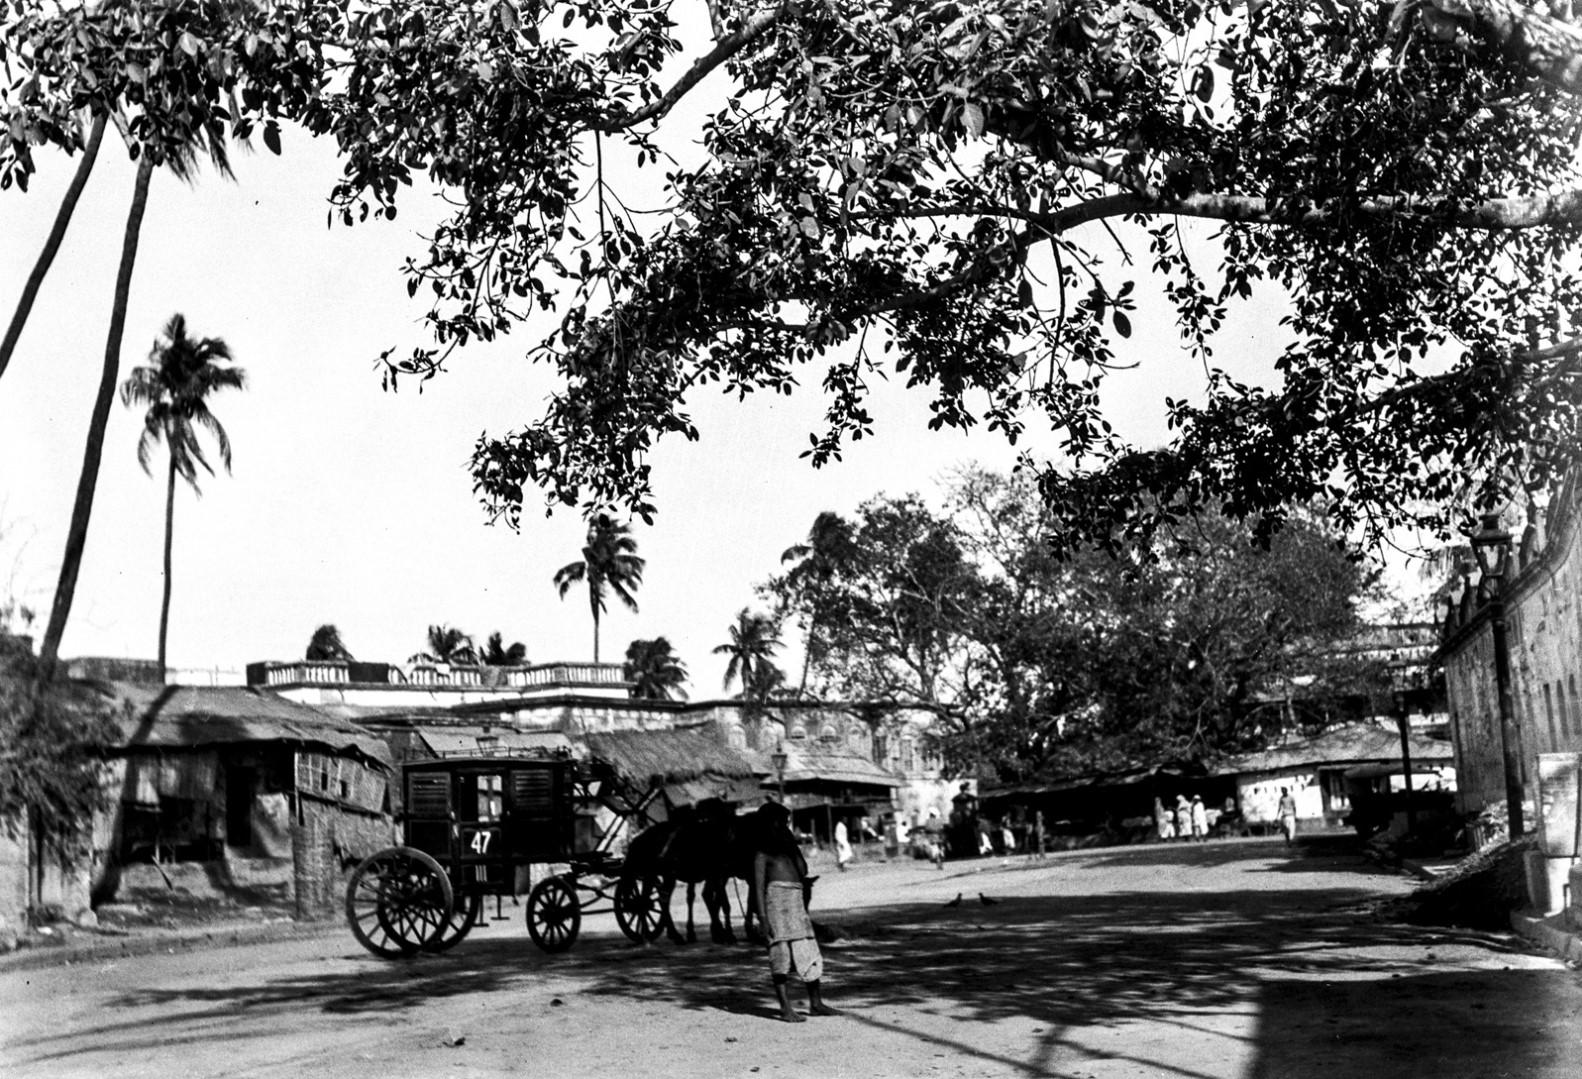 1280. Уличная сцена в Калигхате